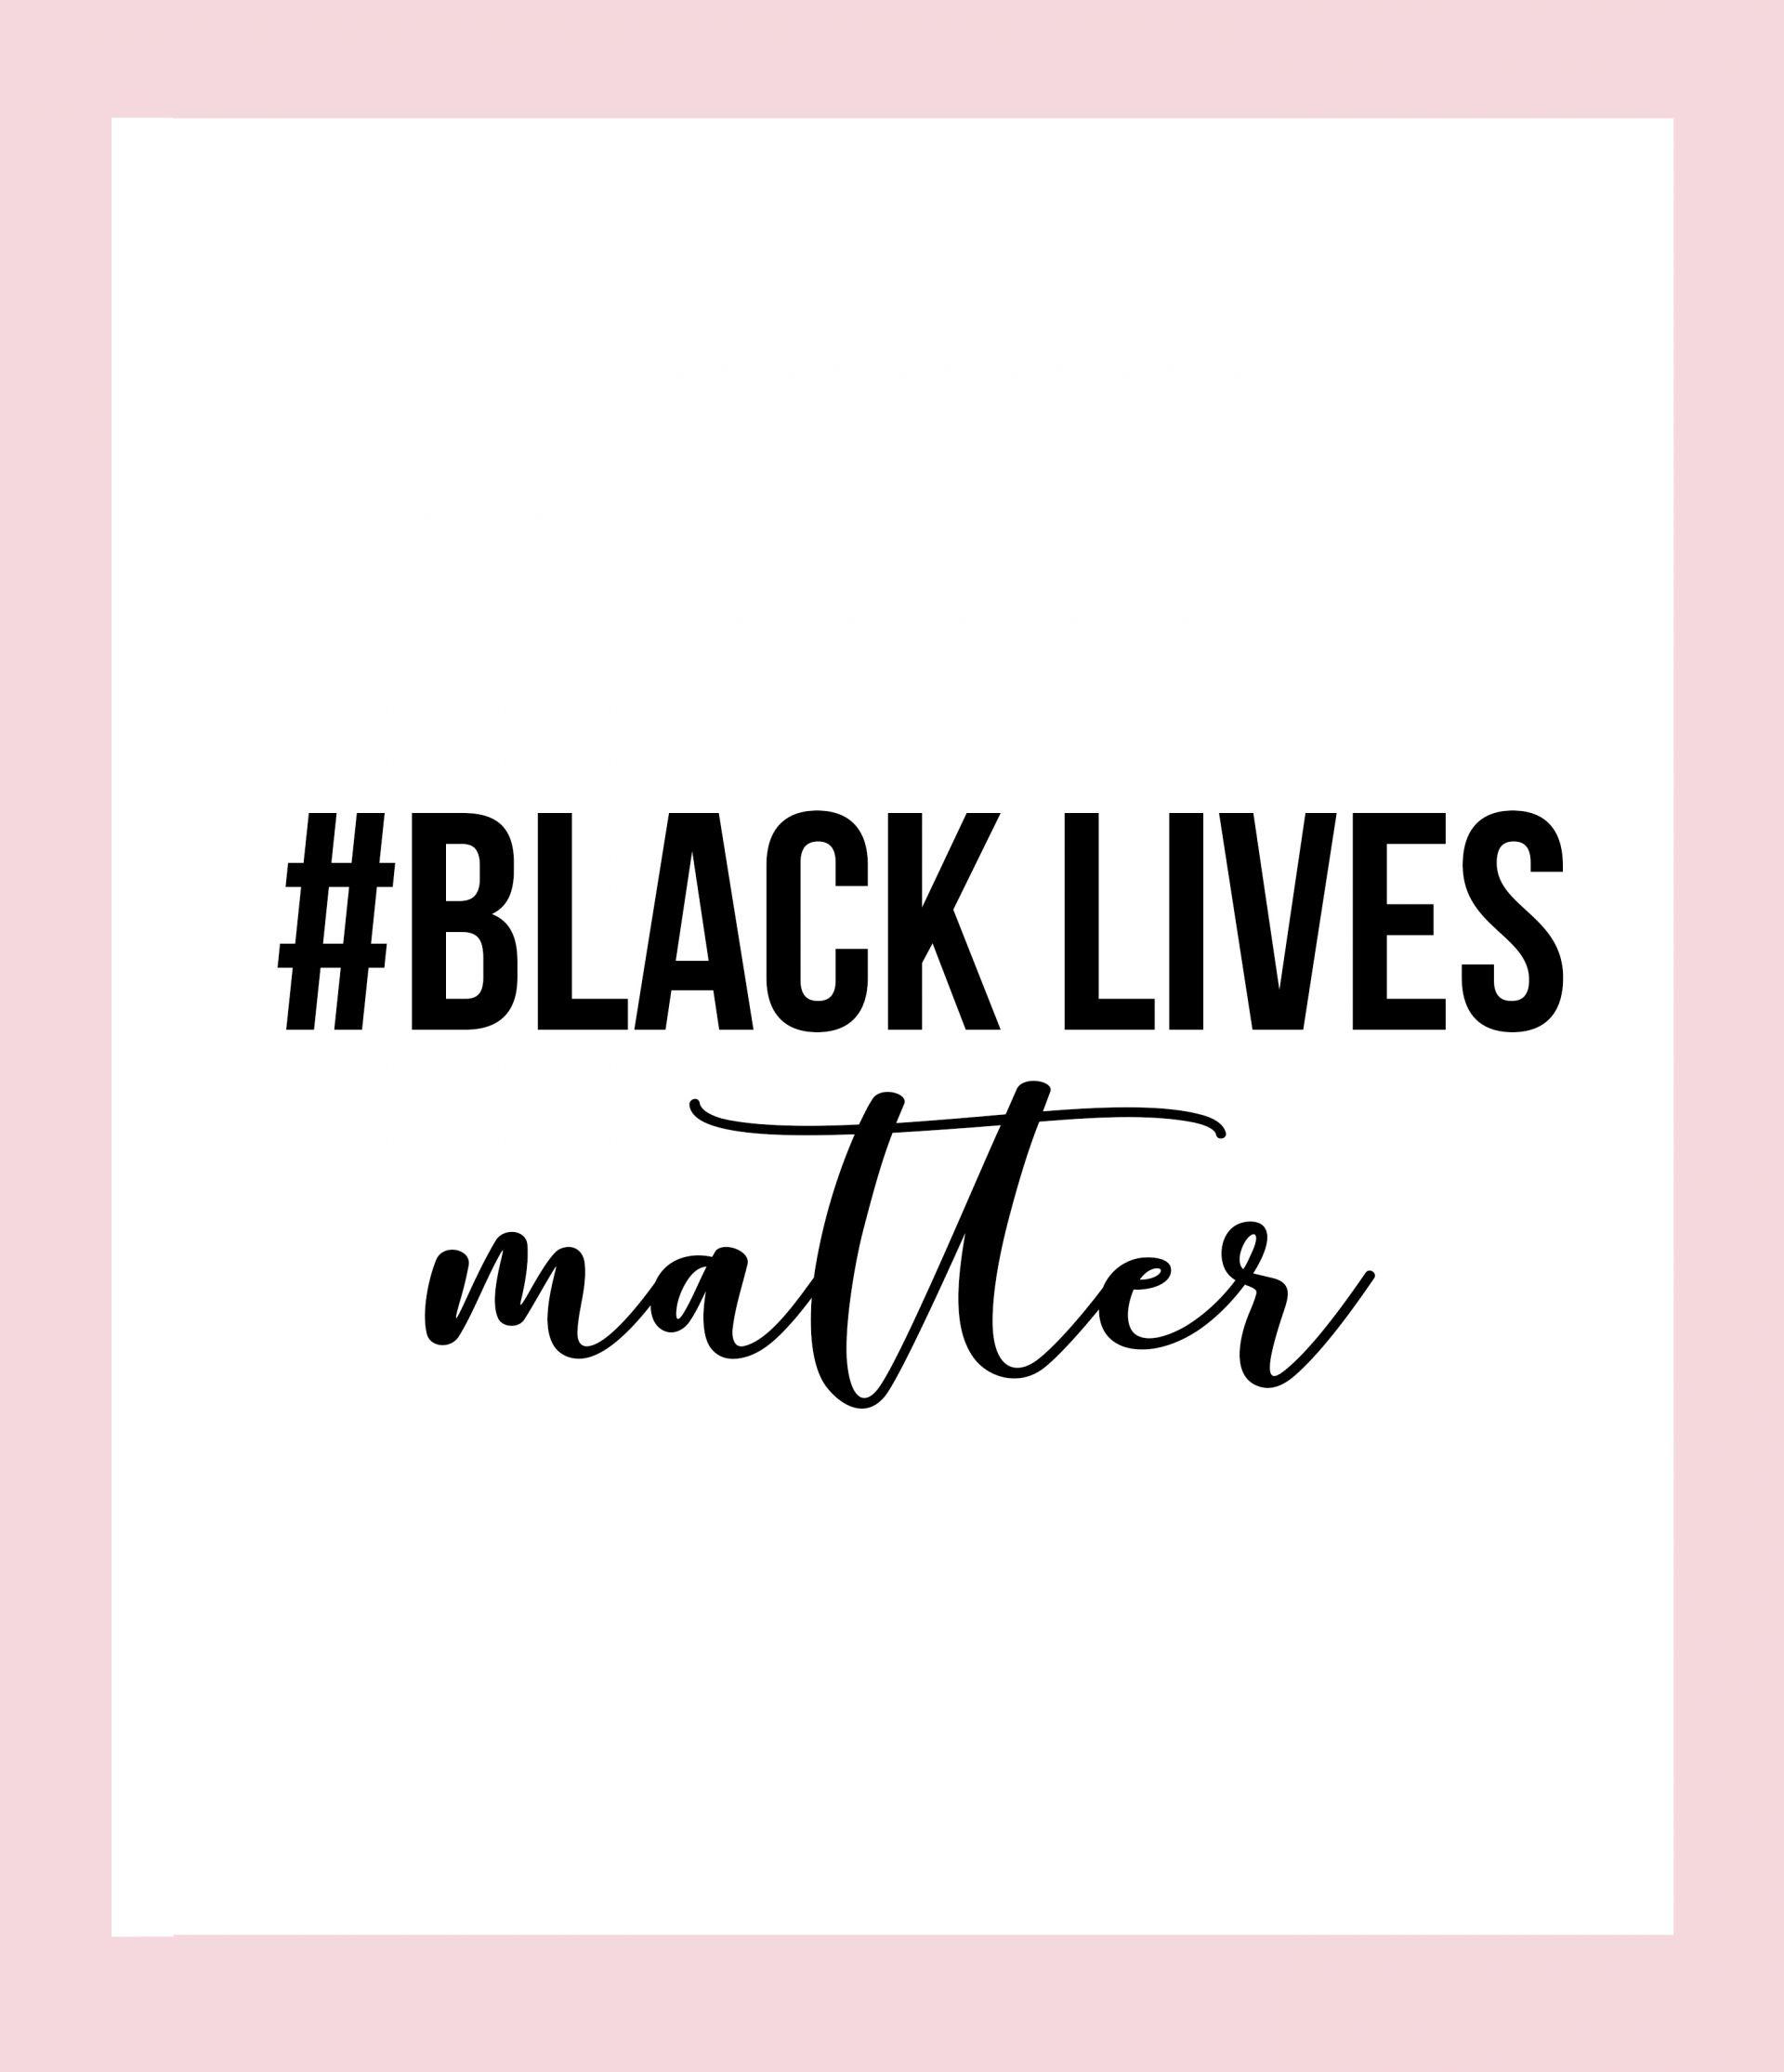 #BlackLivesMatter,